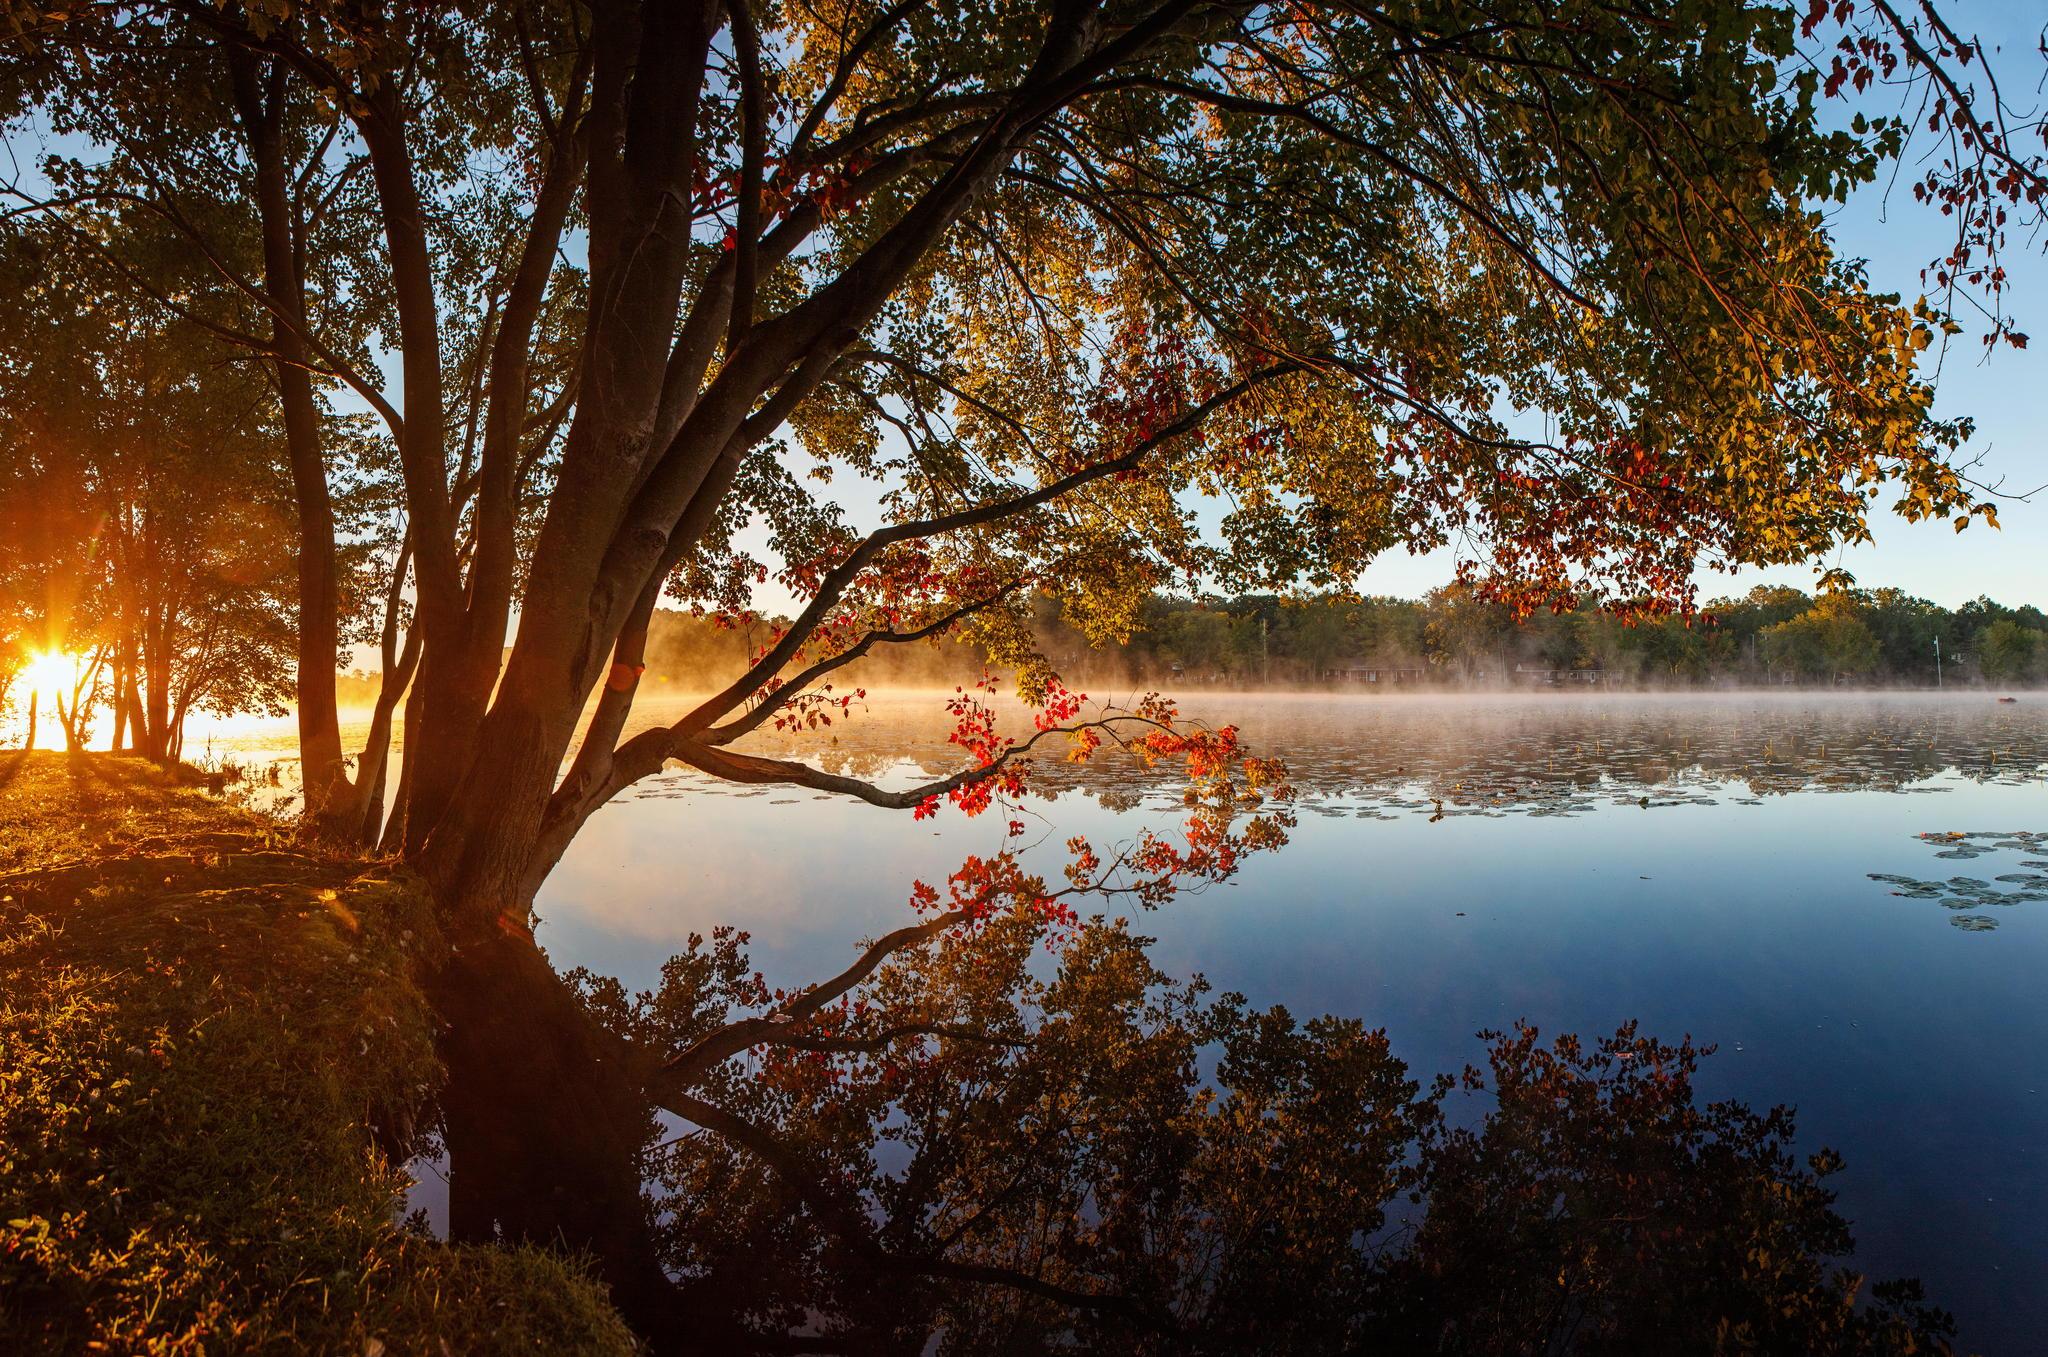 127350 papel de parede 720x1280 em seu telefone gratuitamente, baixe imagens Natureza, Grama, Lago, Reflexão, Madeira, Árvore 720x1280 em seu celular